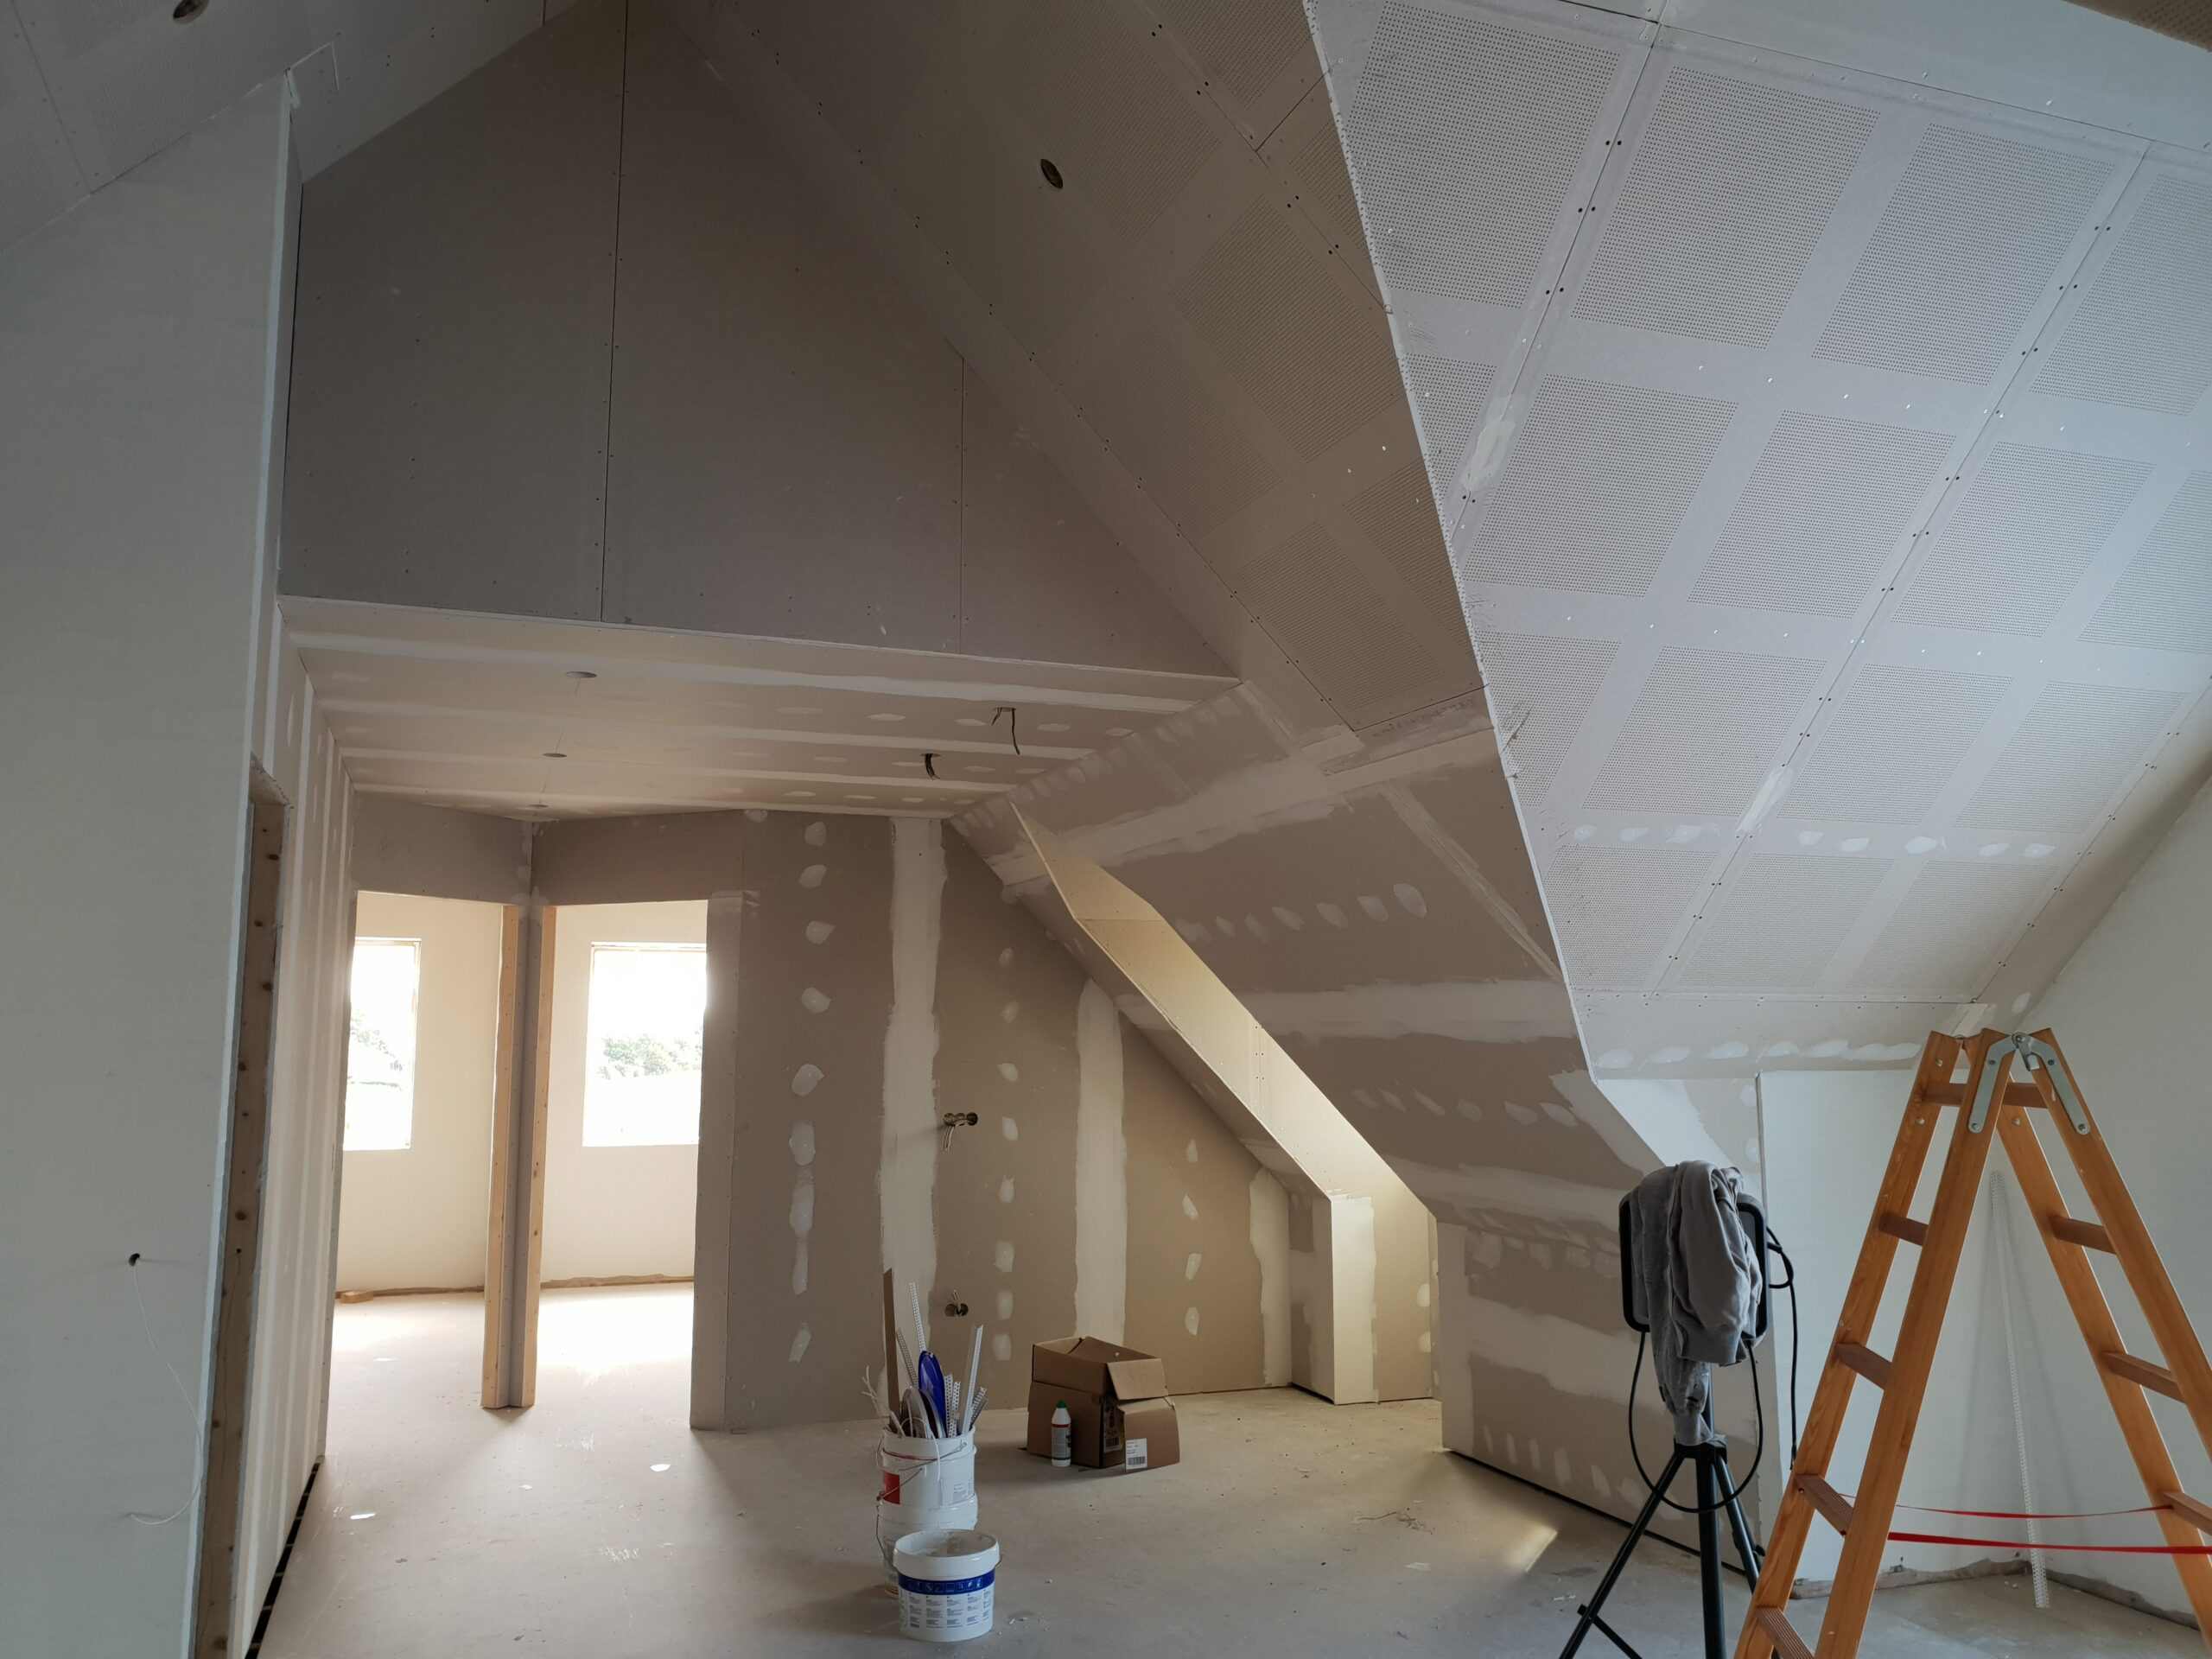 Maling af lofter og vægge